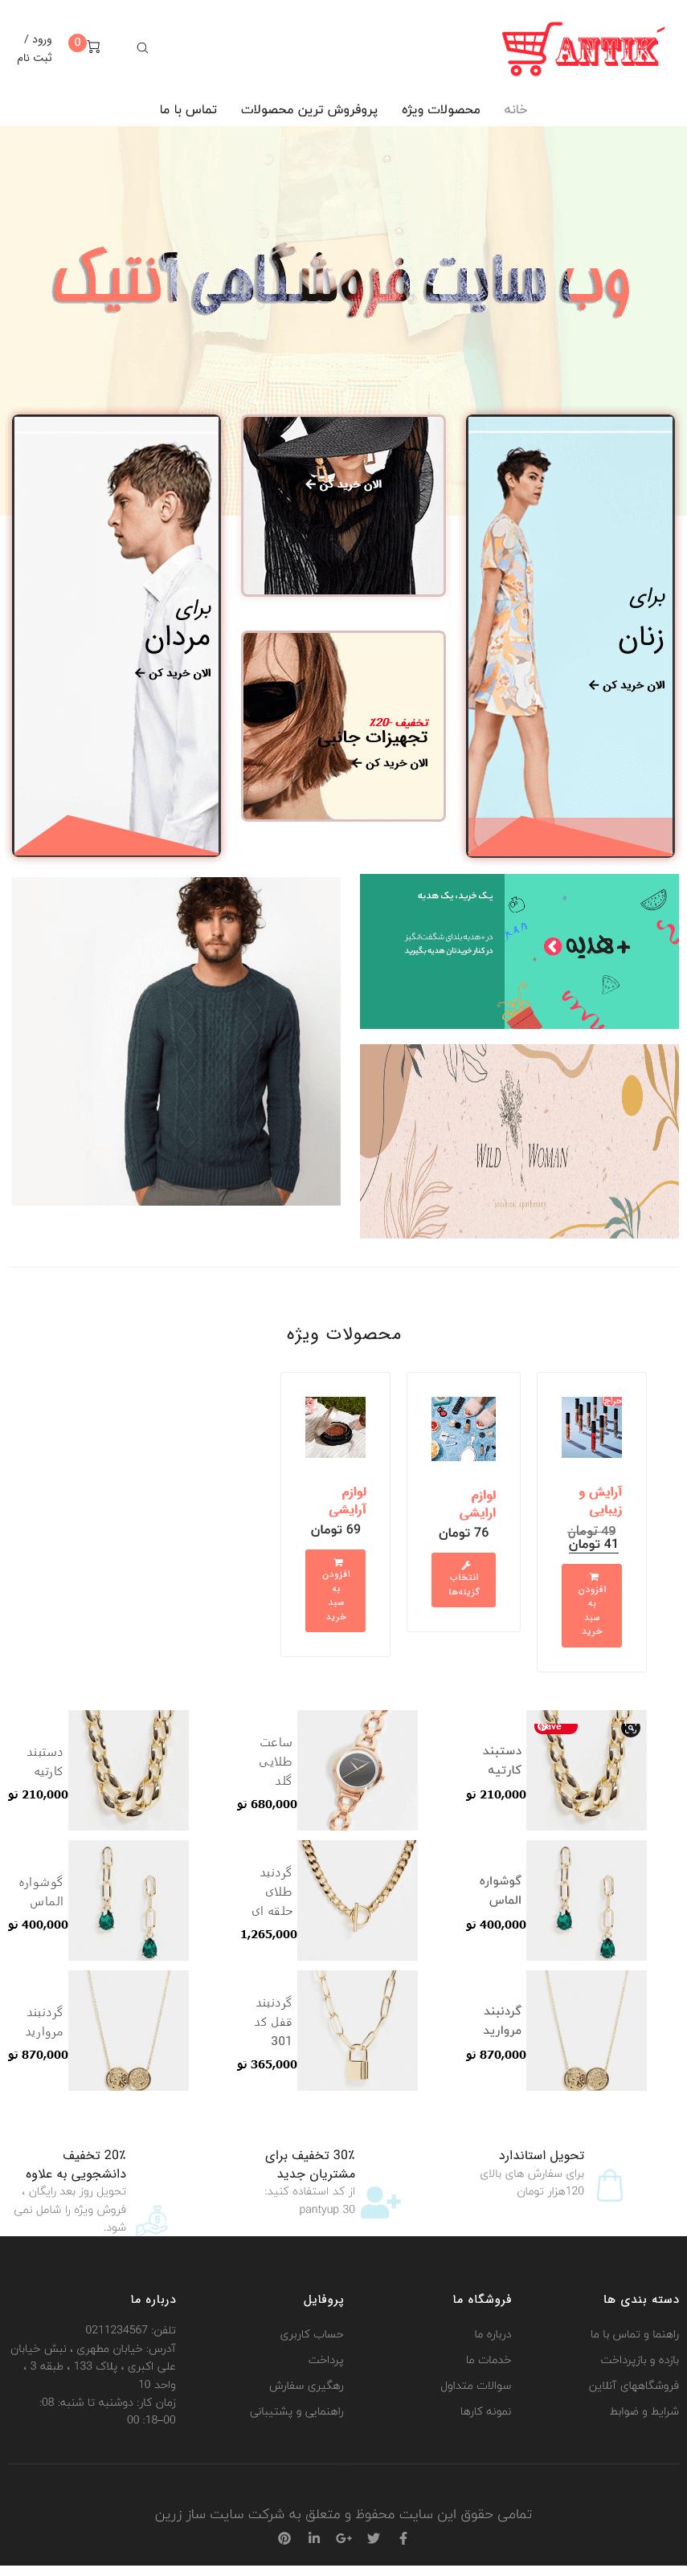 سایت فروشگاهی آنتیک در حالت تبلت